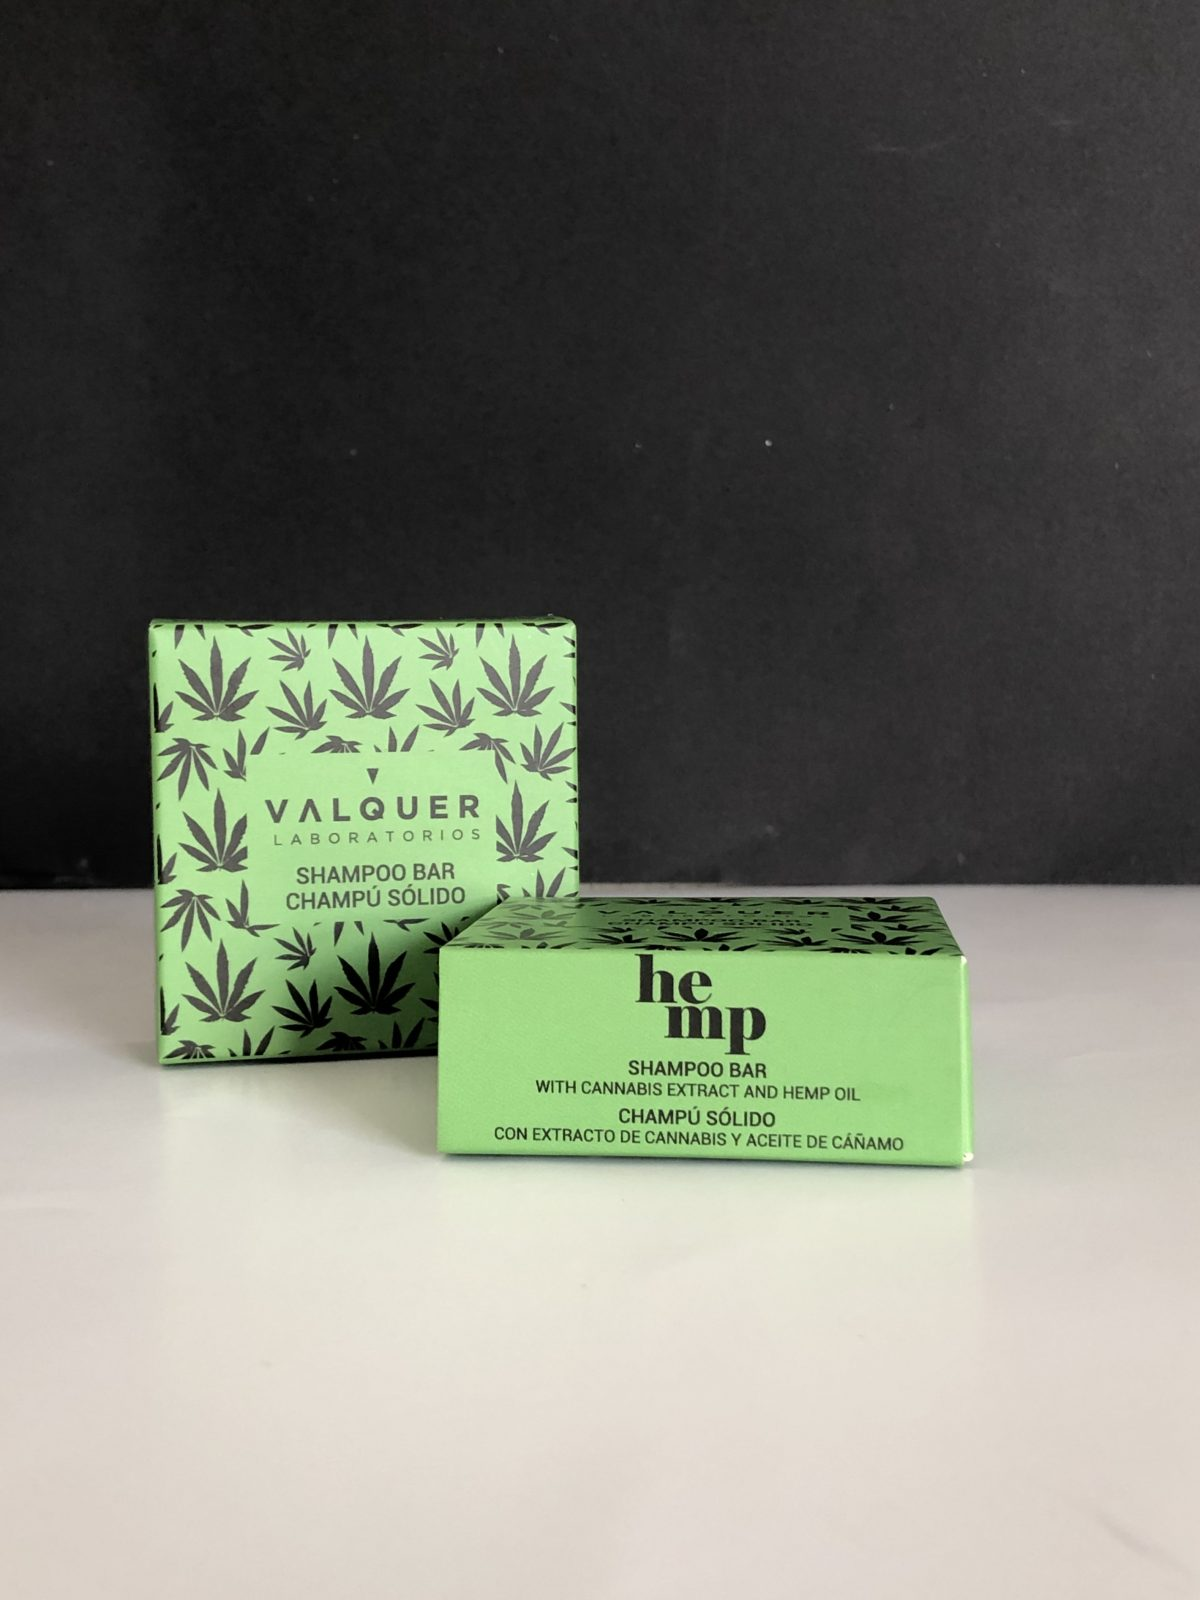 Champú sólido con extracto de cannabis y aceite de cáñamo Válquer